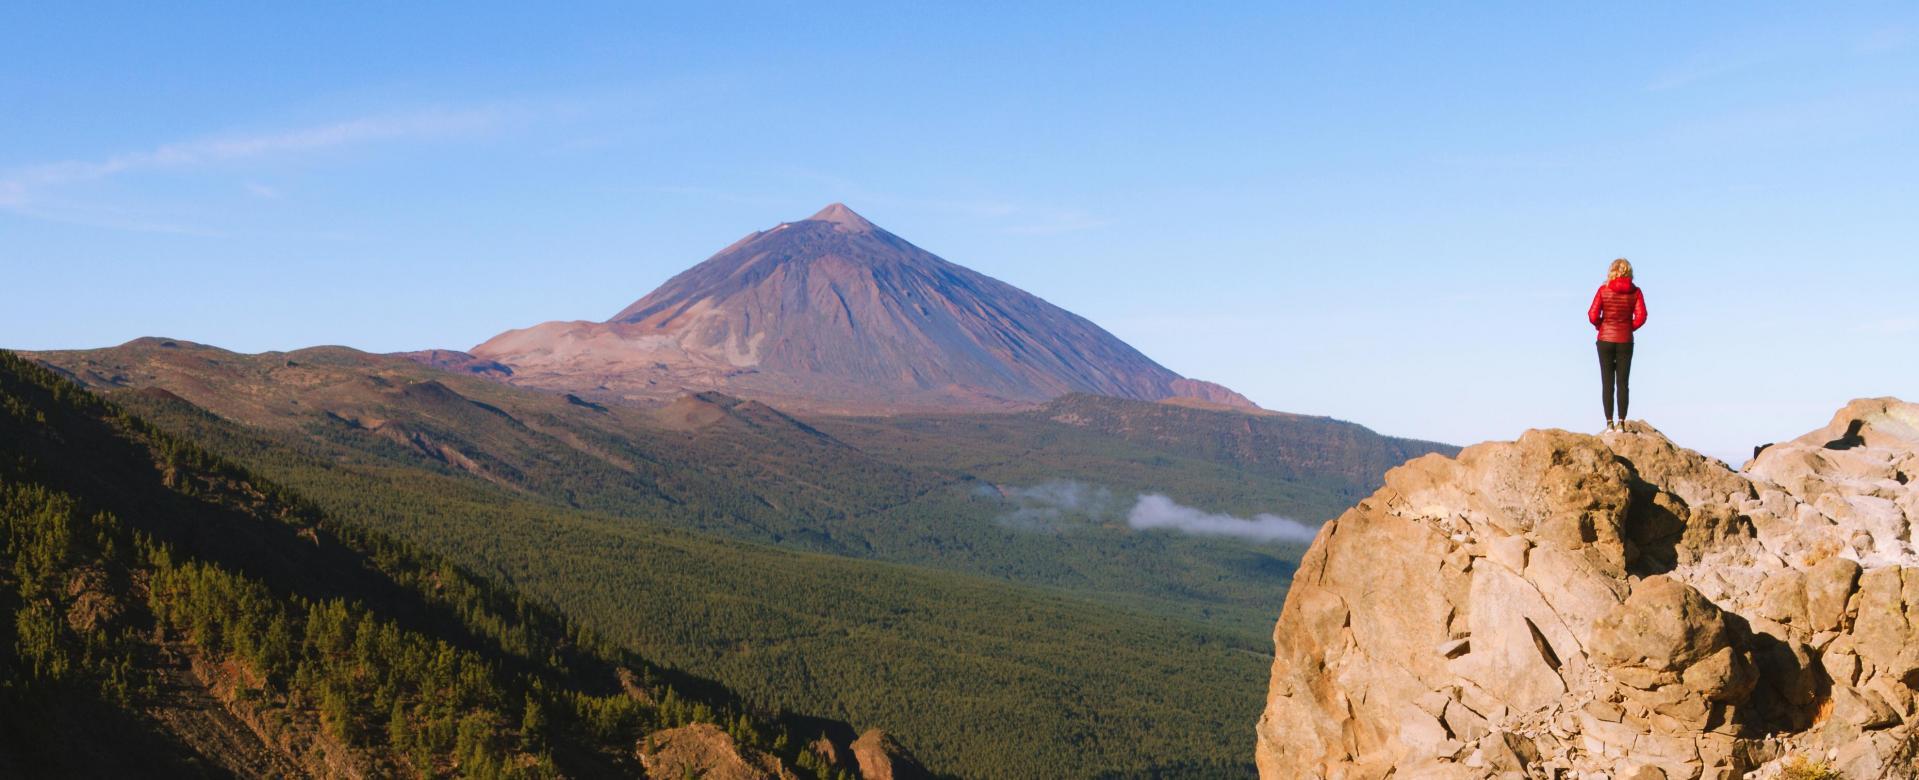 Voyage à pied : Les volcans de tenerife